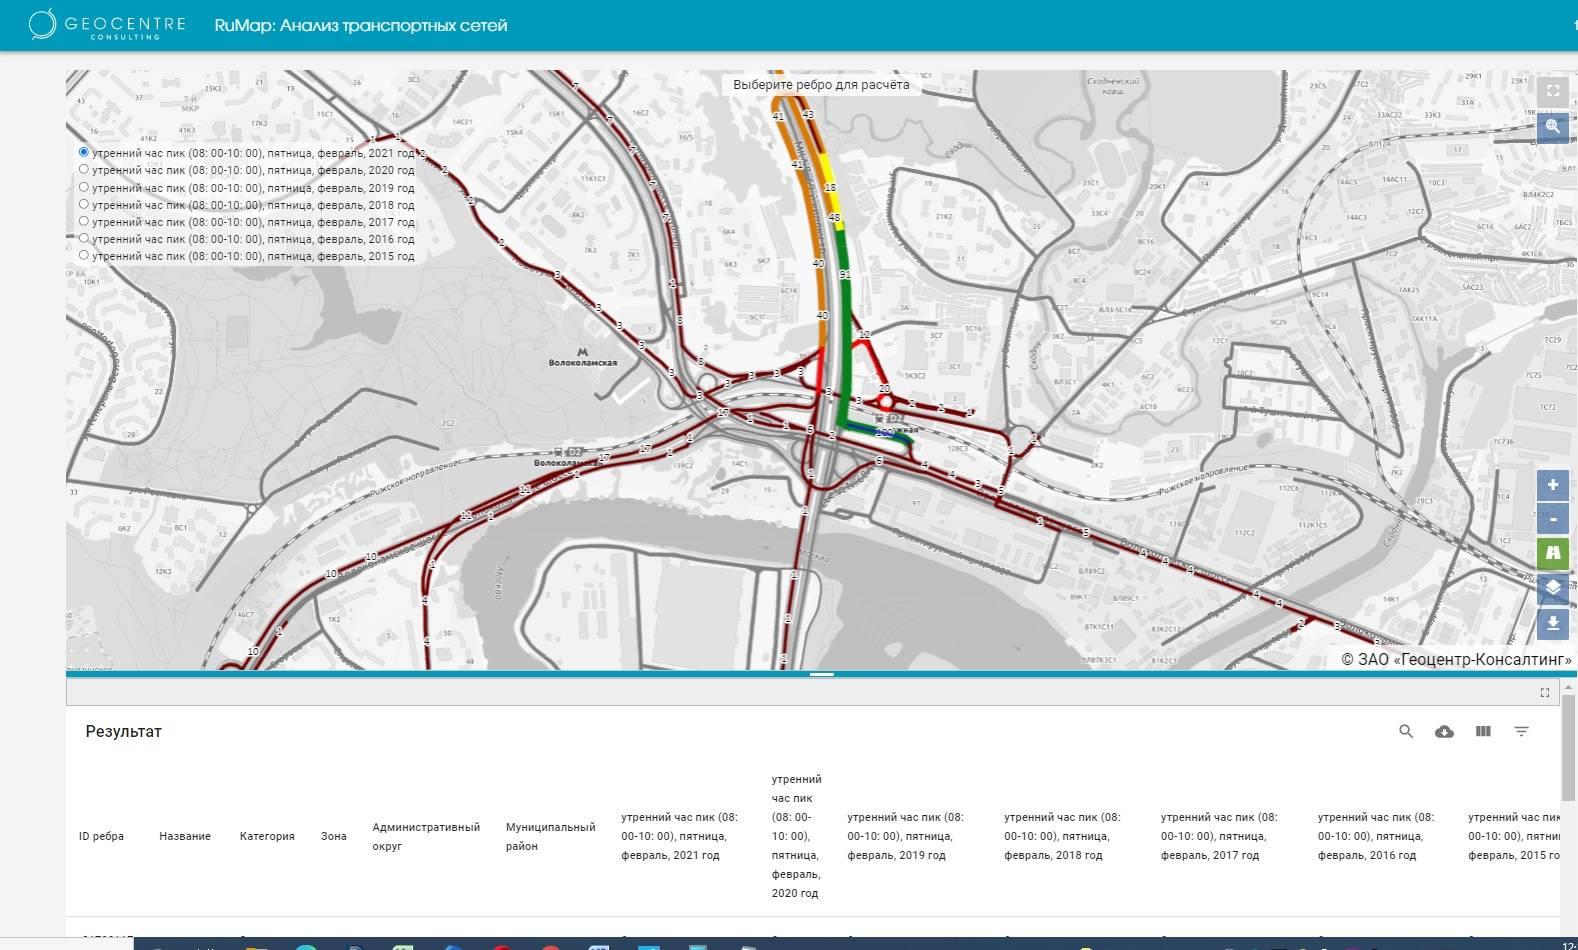 ГИС Анализ транспортных сетей